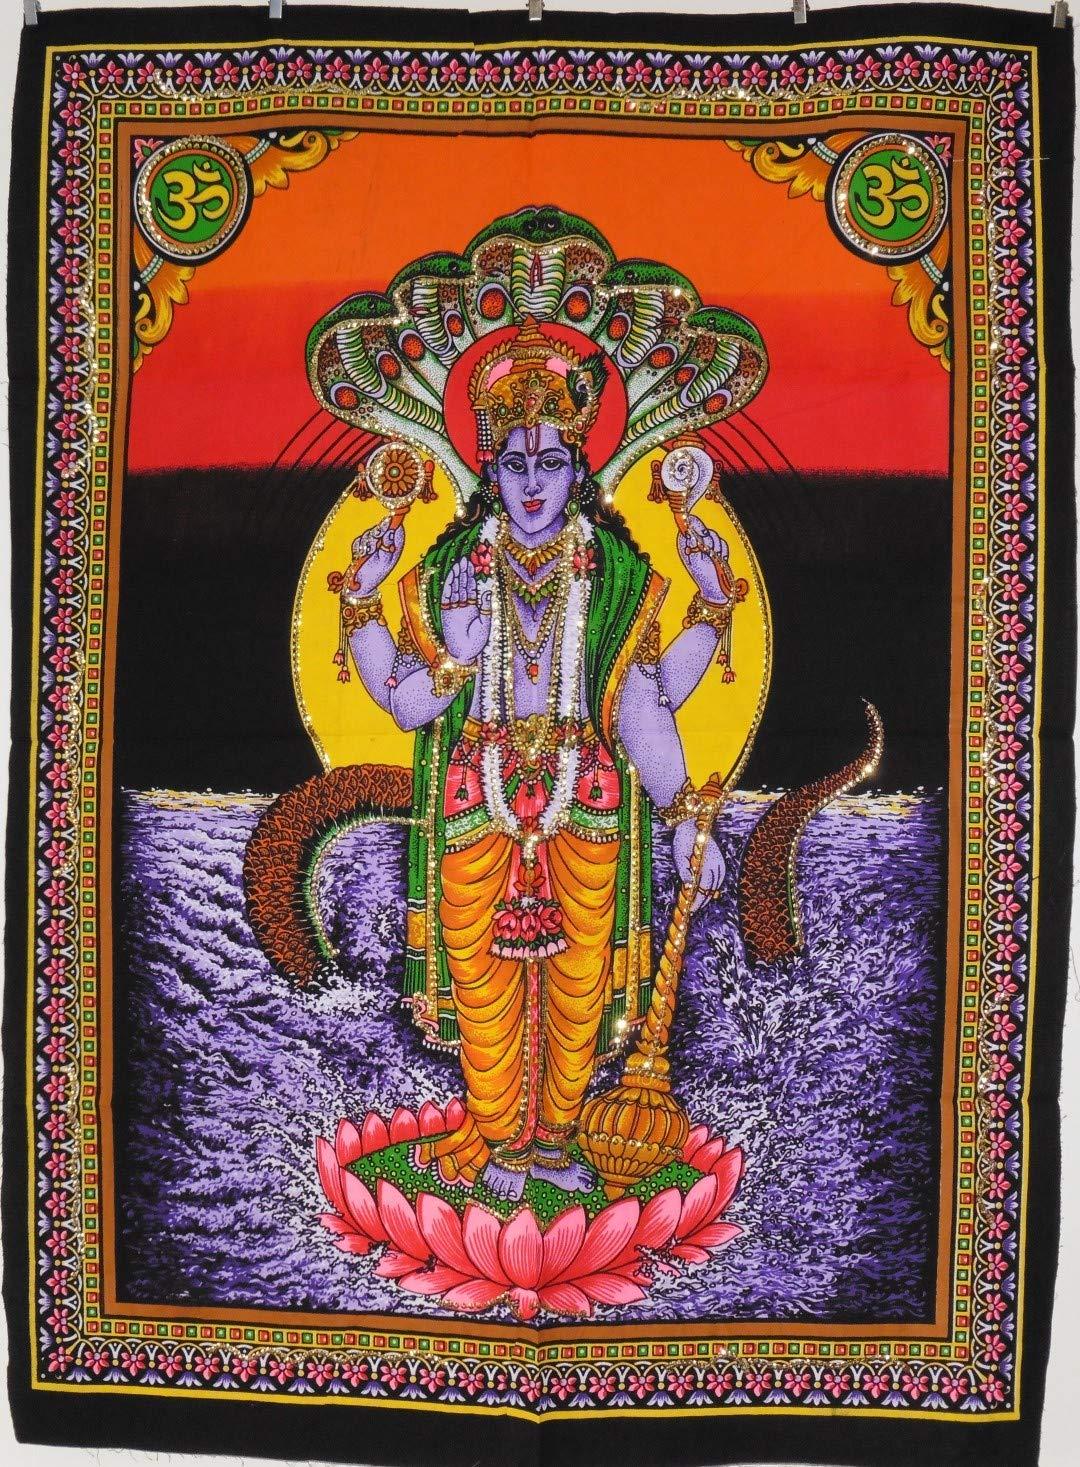 Grande indien hindou Lord Vishnou écran Impression Coton Décoration murale à suspendre 105cm x 79cm